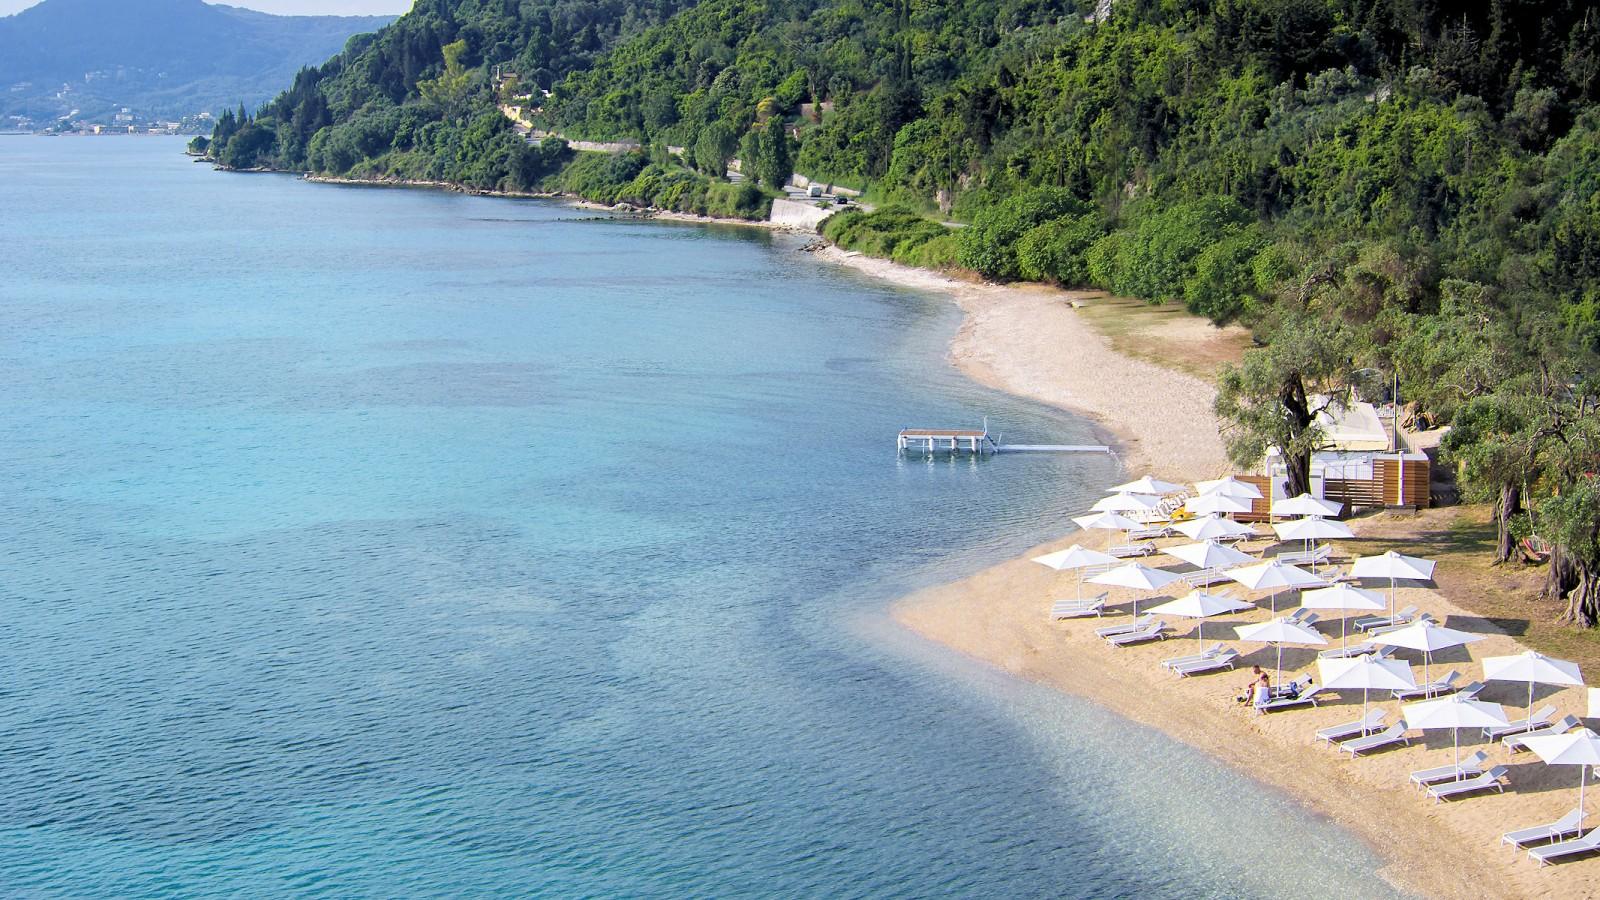 MarBella Nido Beach Aerial View